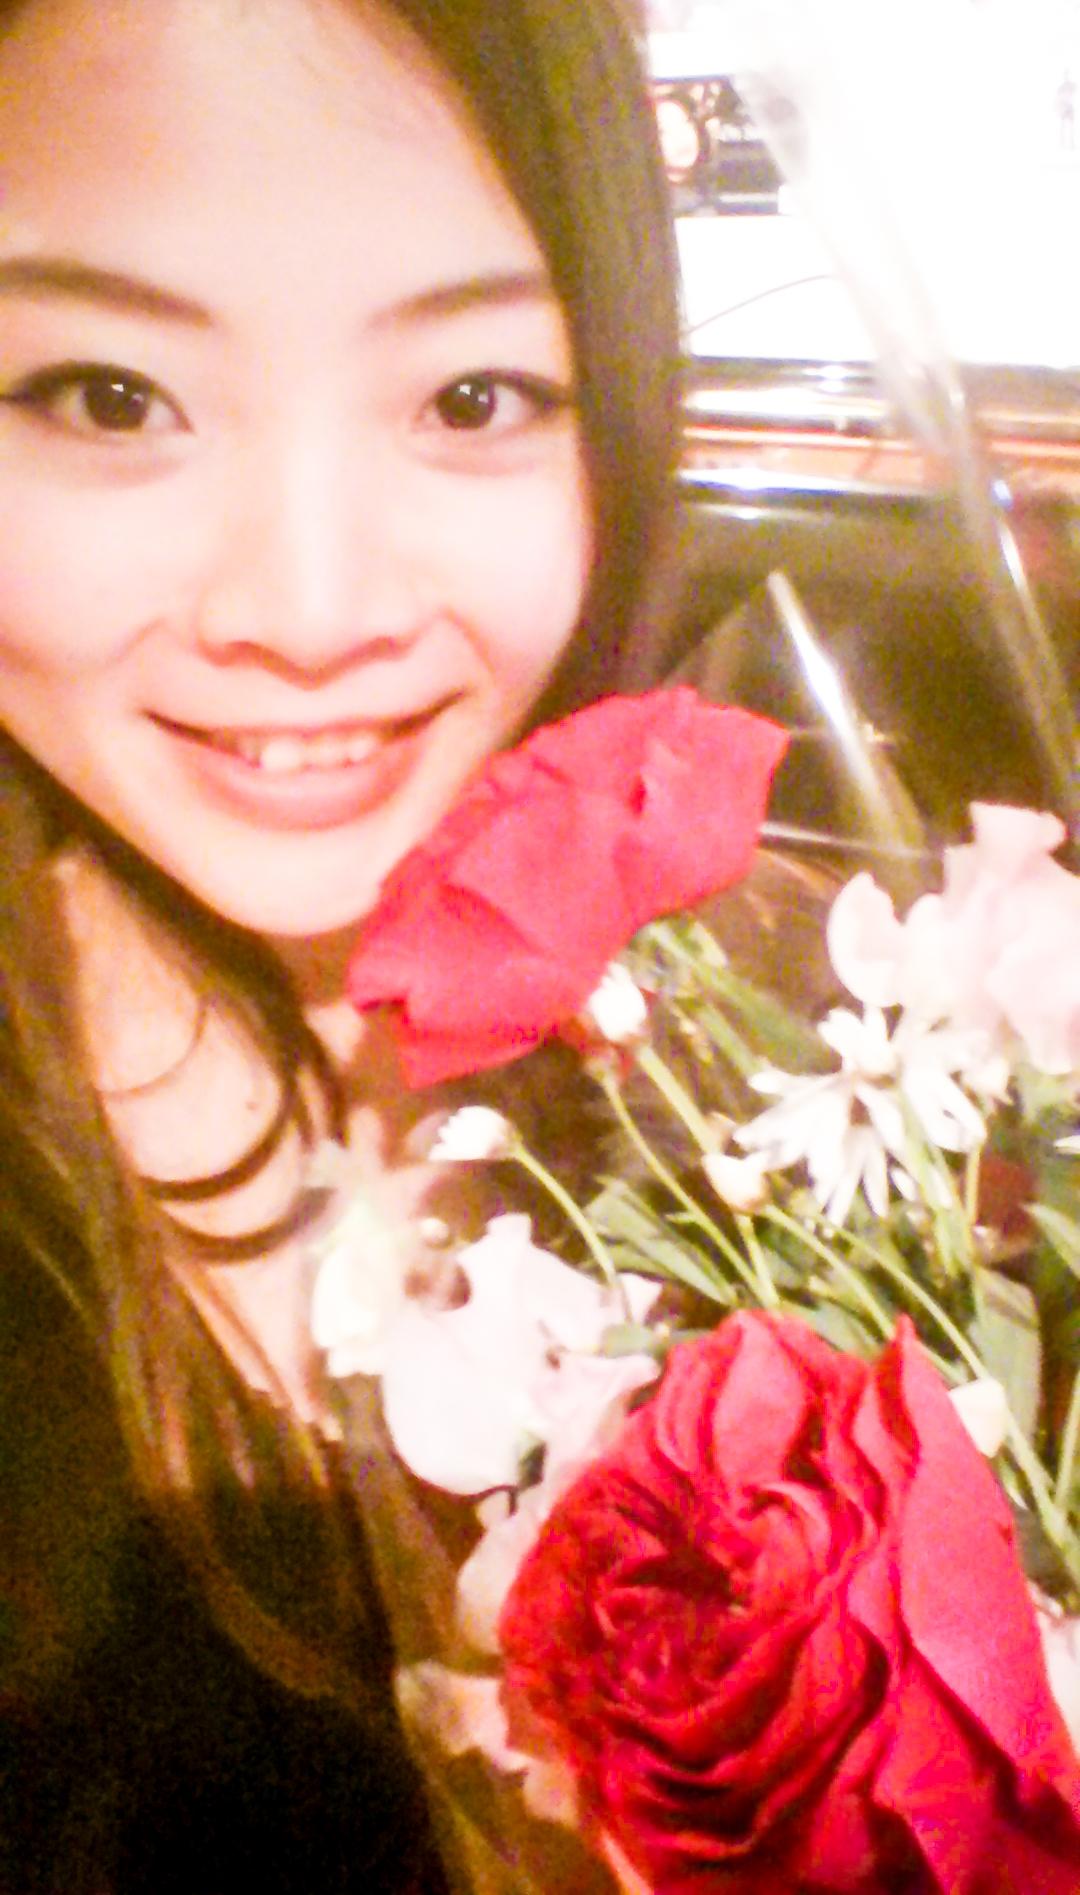 hikari Kuwachi rose